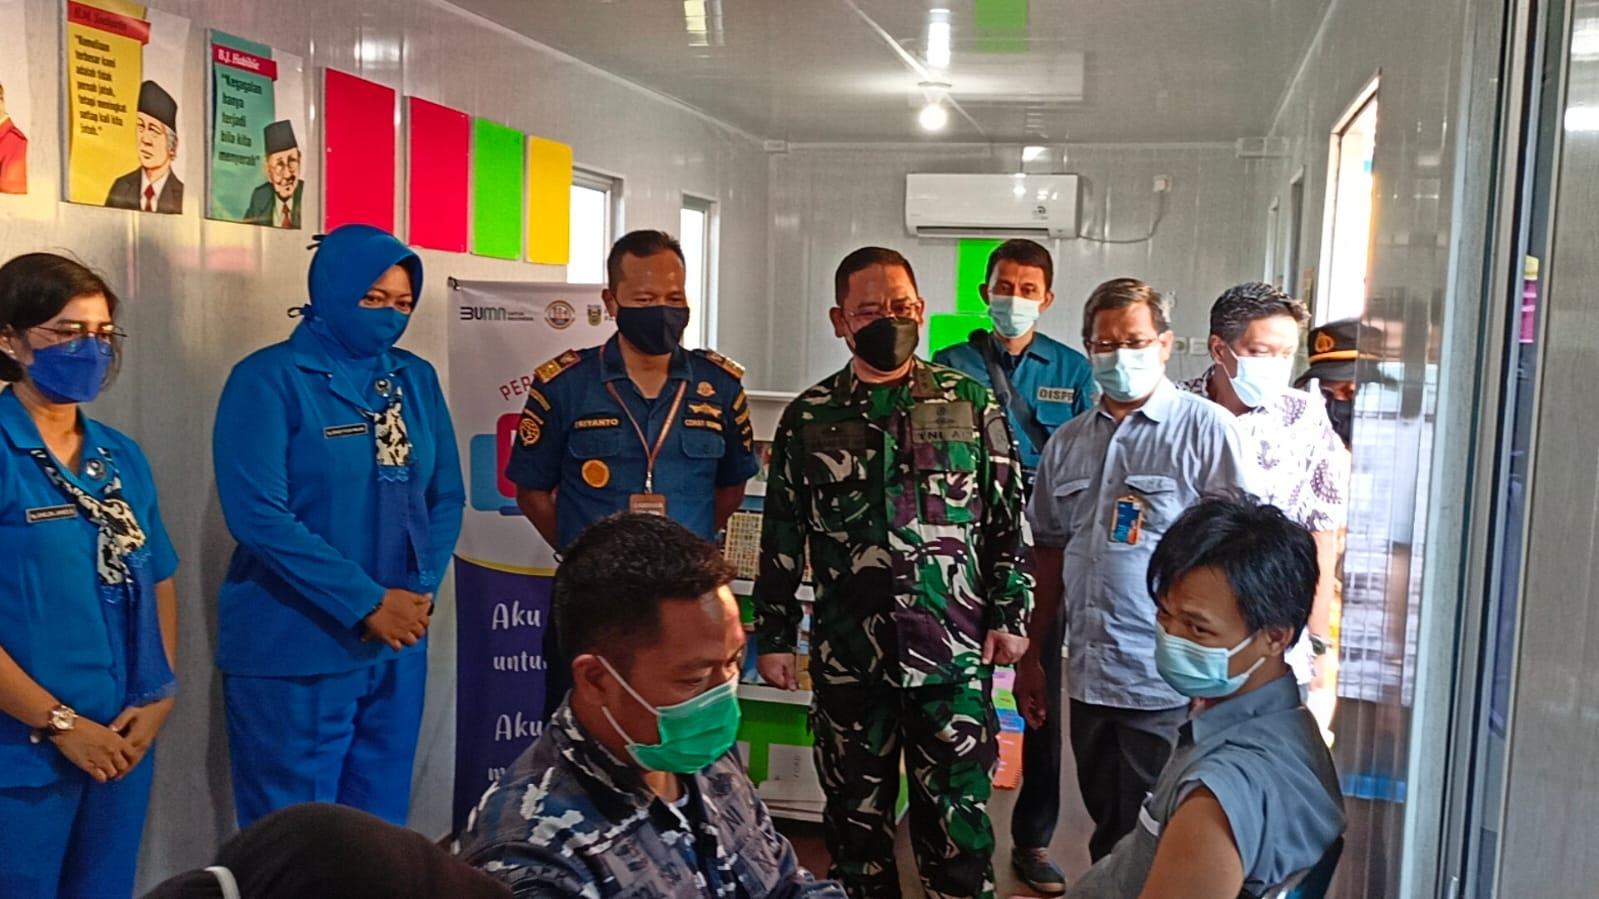 Jelang HUT 76, Lanal Palembang Genjot Vaksinasi COVID-19